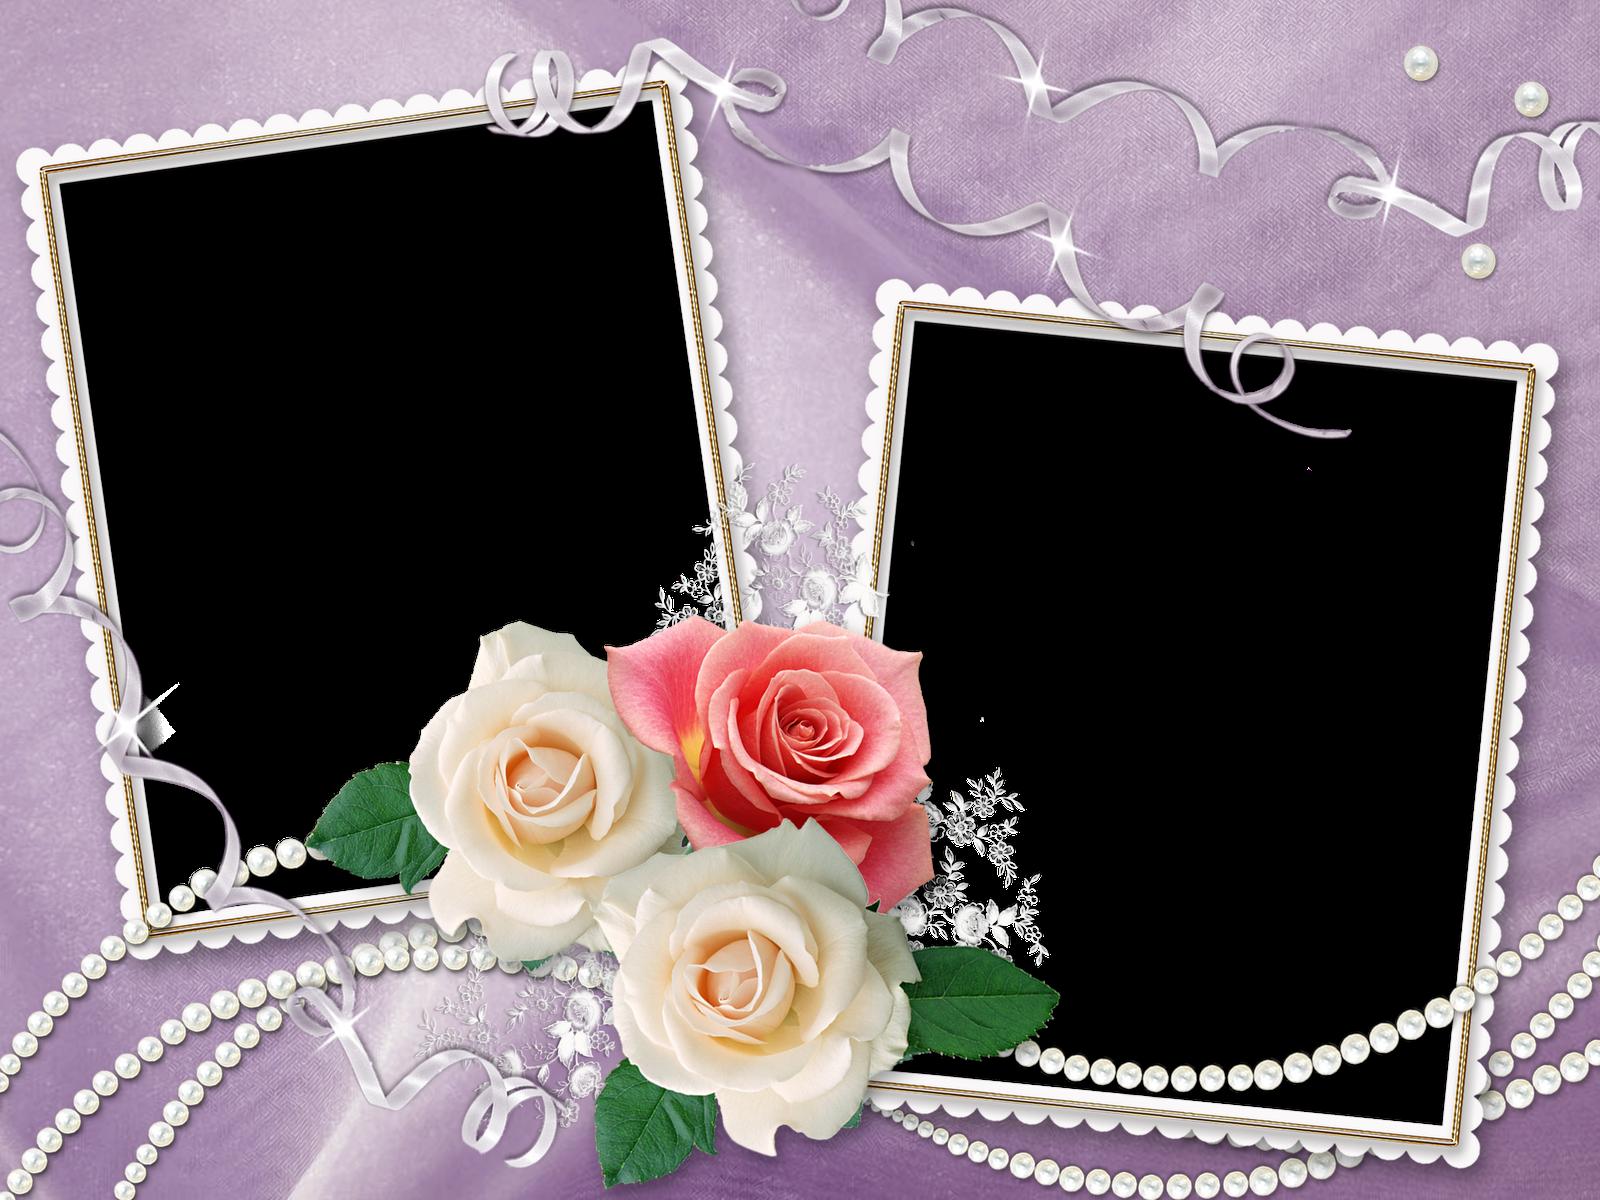 Фотомонтаж поздравления женщины с юбилеем, картинки